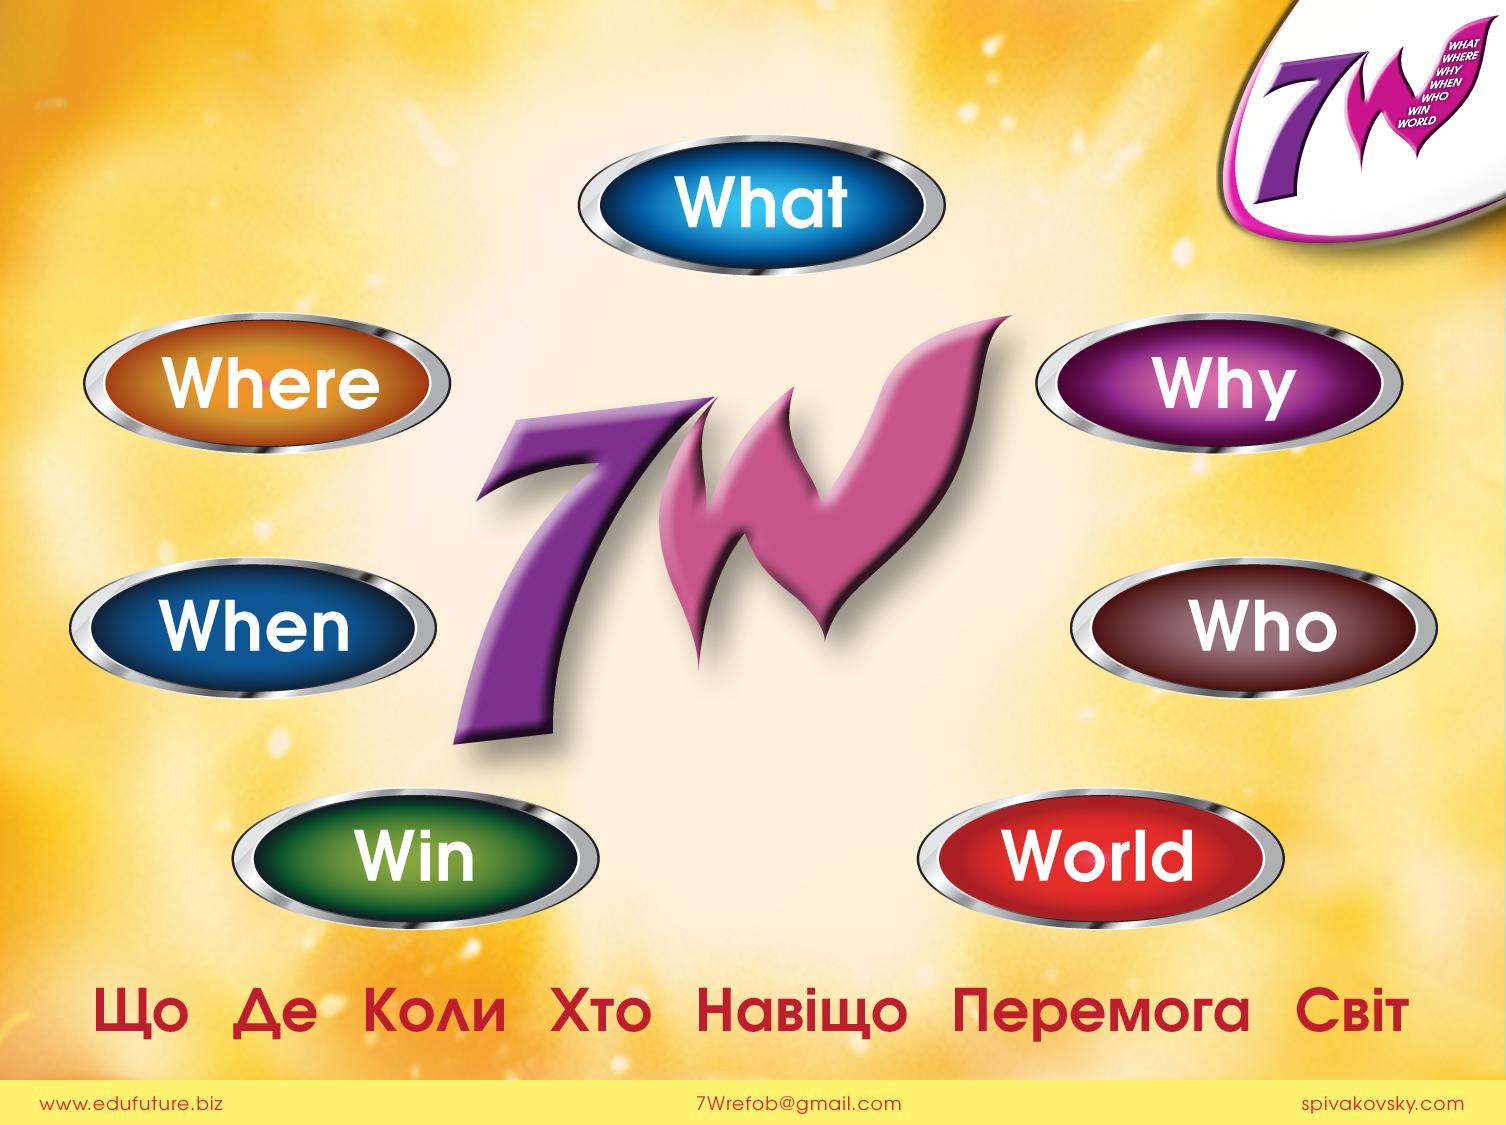 освіта в Україні